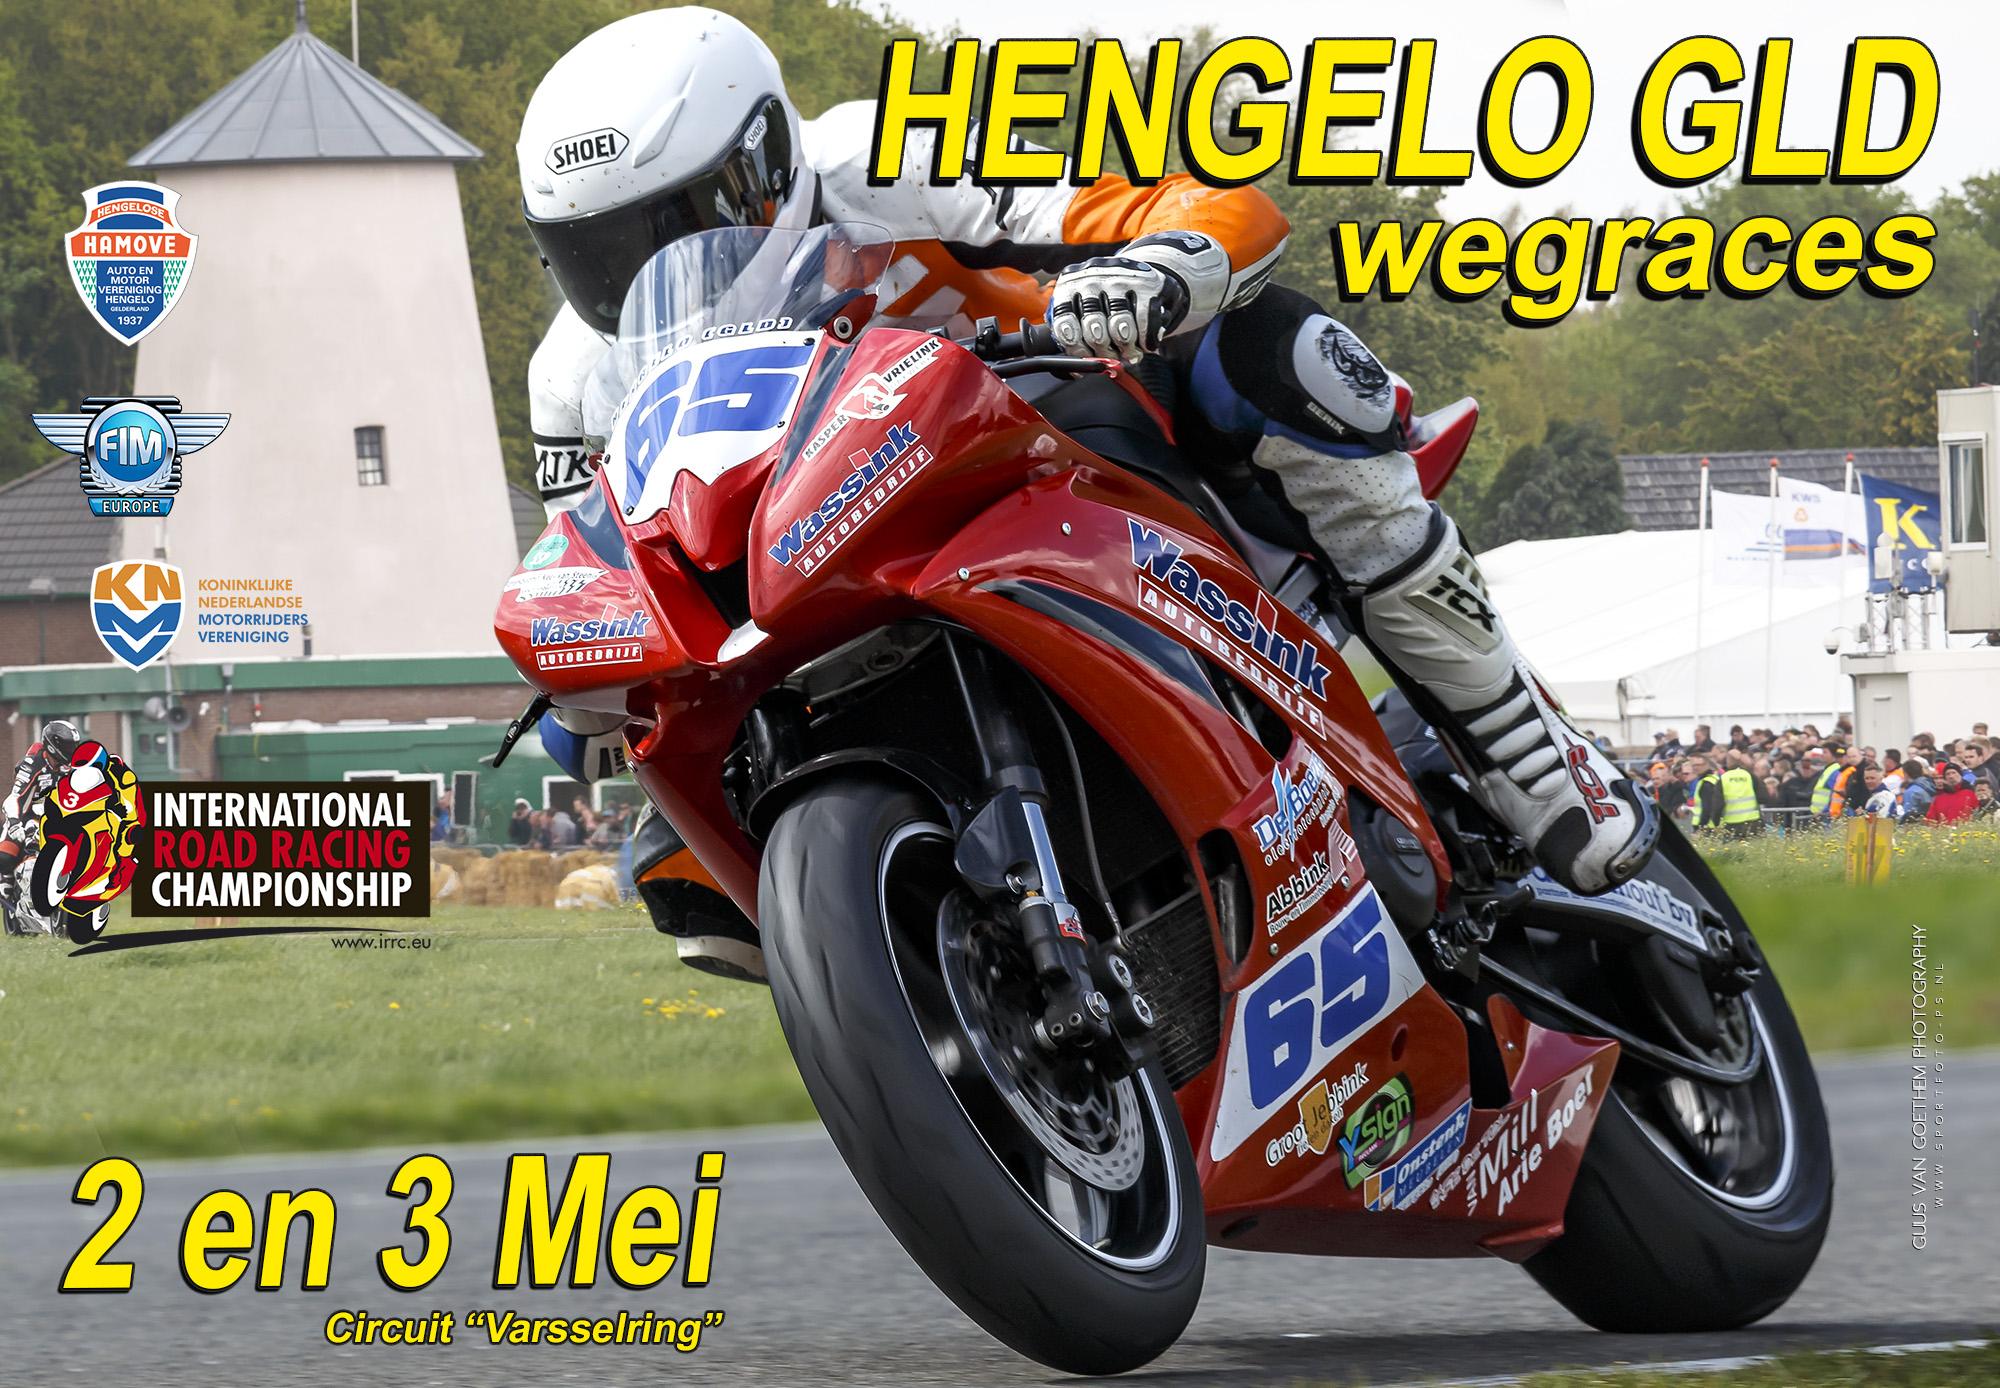 Hengelo Road Races – Preview